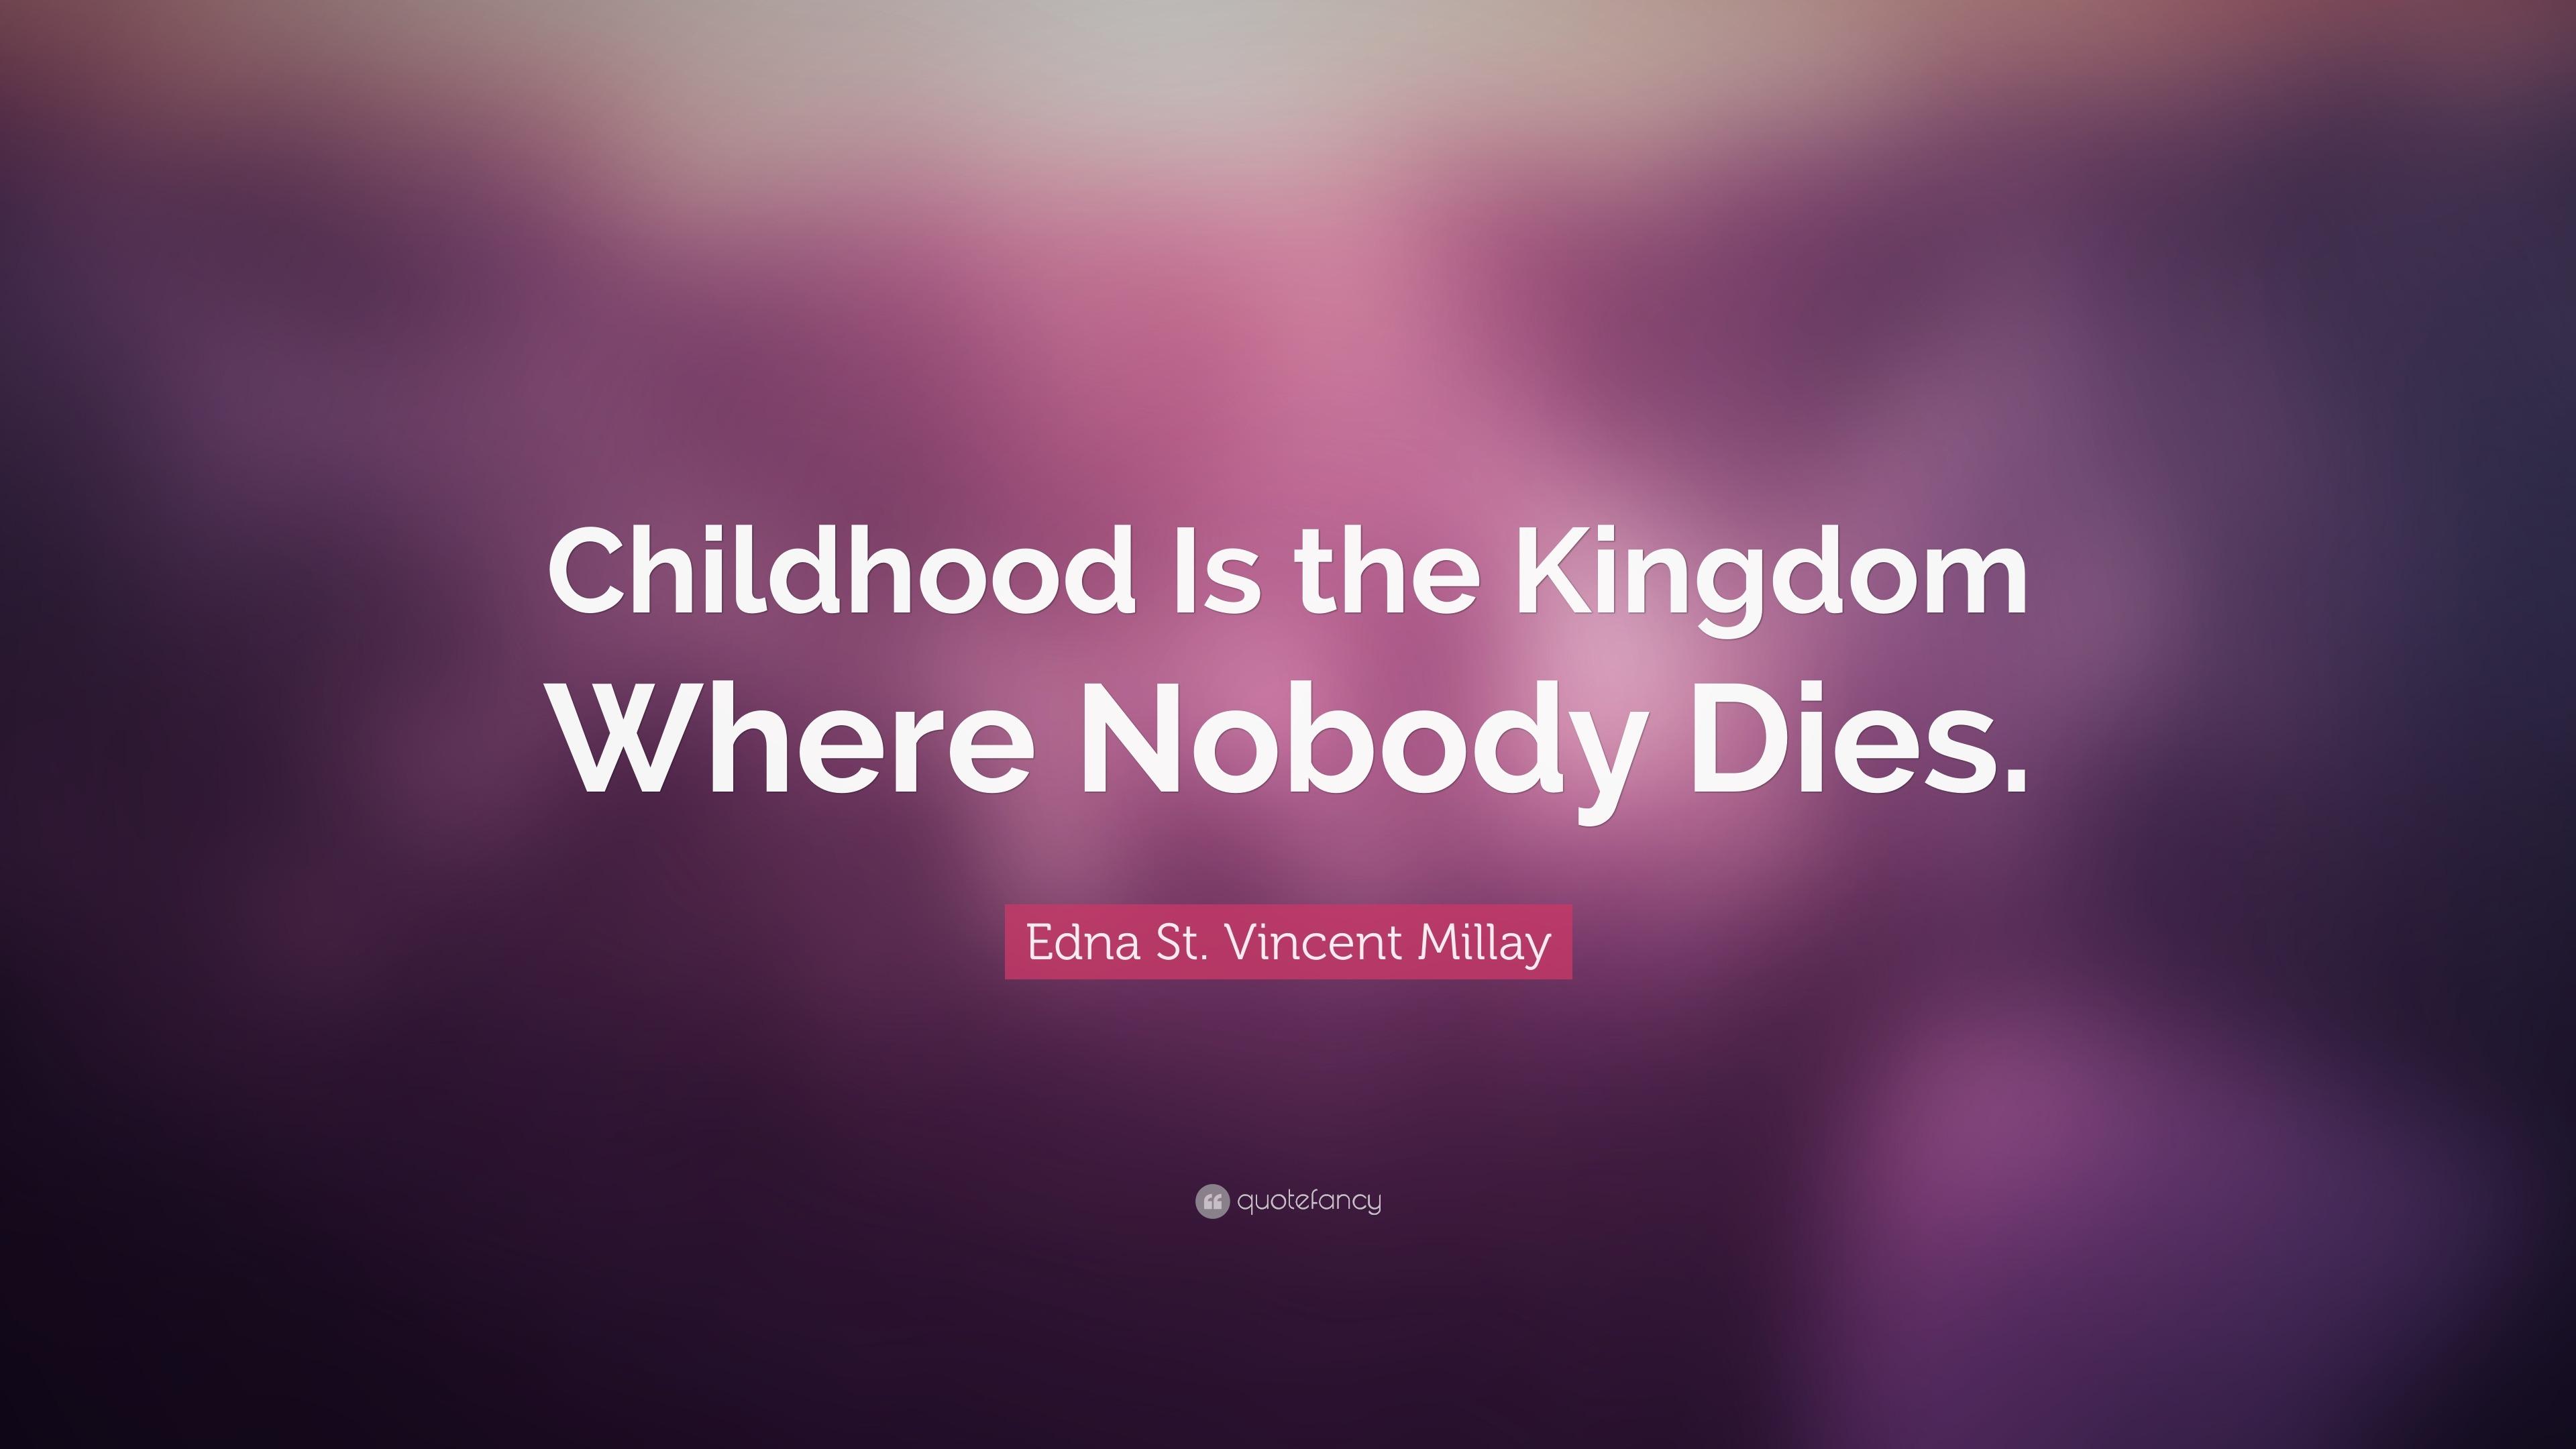 edna st vincent millay childhood